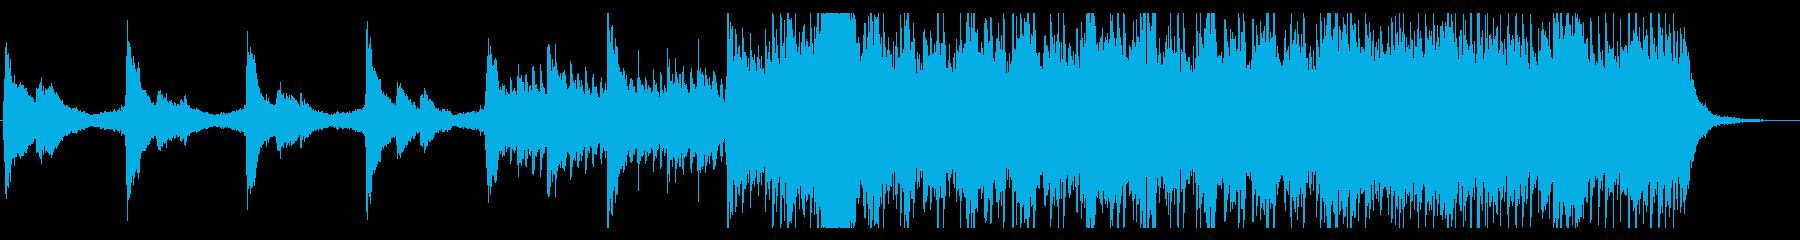 【生演奏】アコギとピアノの爽やかな曲の再生済みの波形